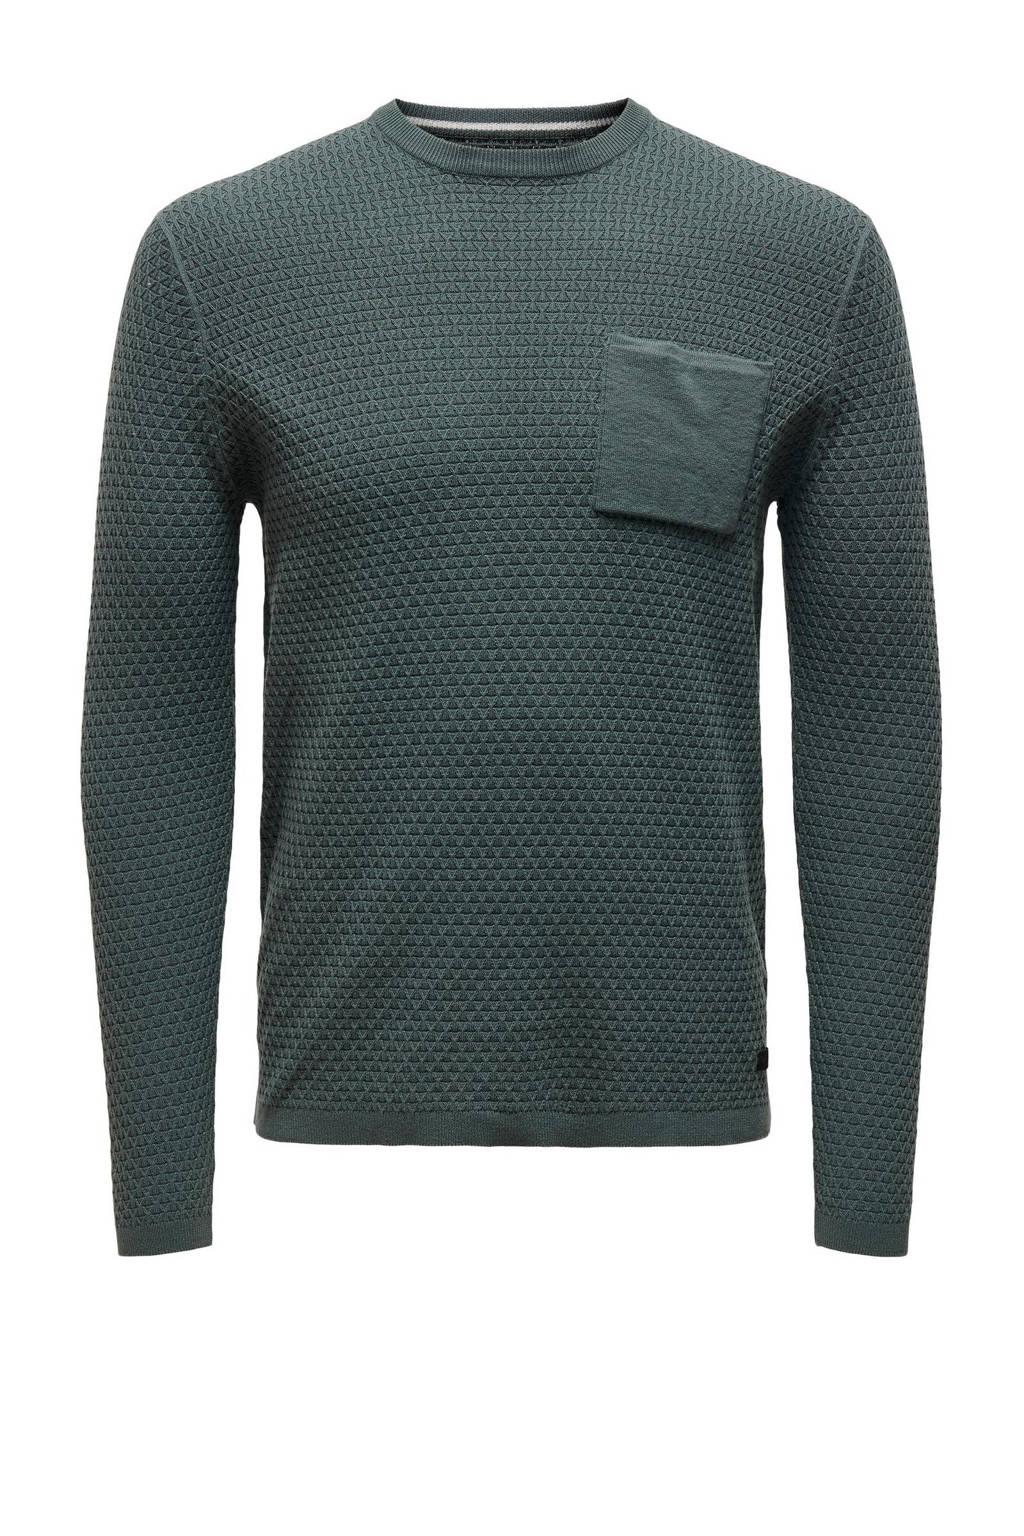 ONLY & SONS trui met textuur donkergroen, Donkergroen